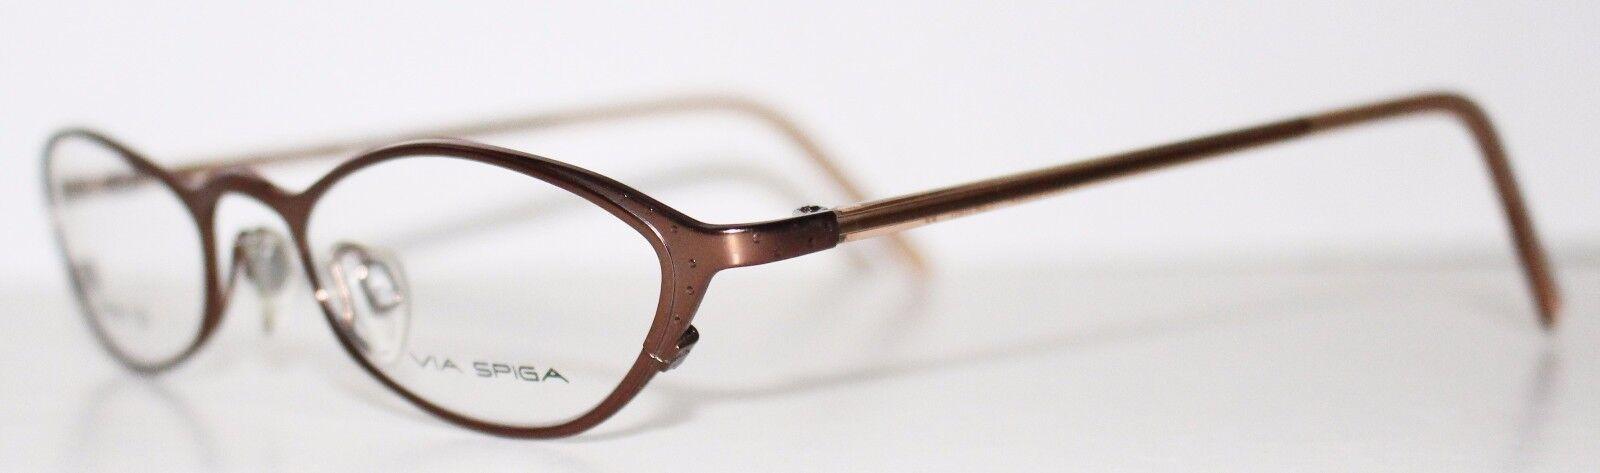 Via Spiga BIELLA Pecan DESIGNER Optical Eyeglass Frame for Women ...